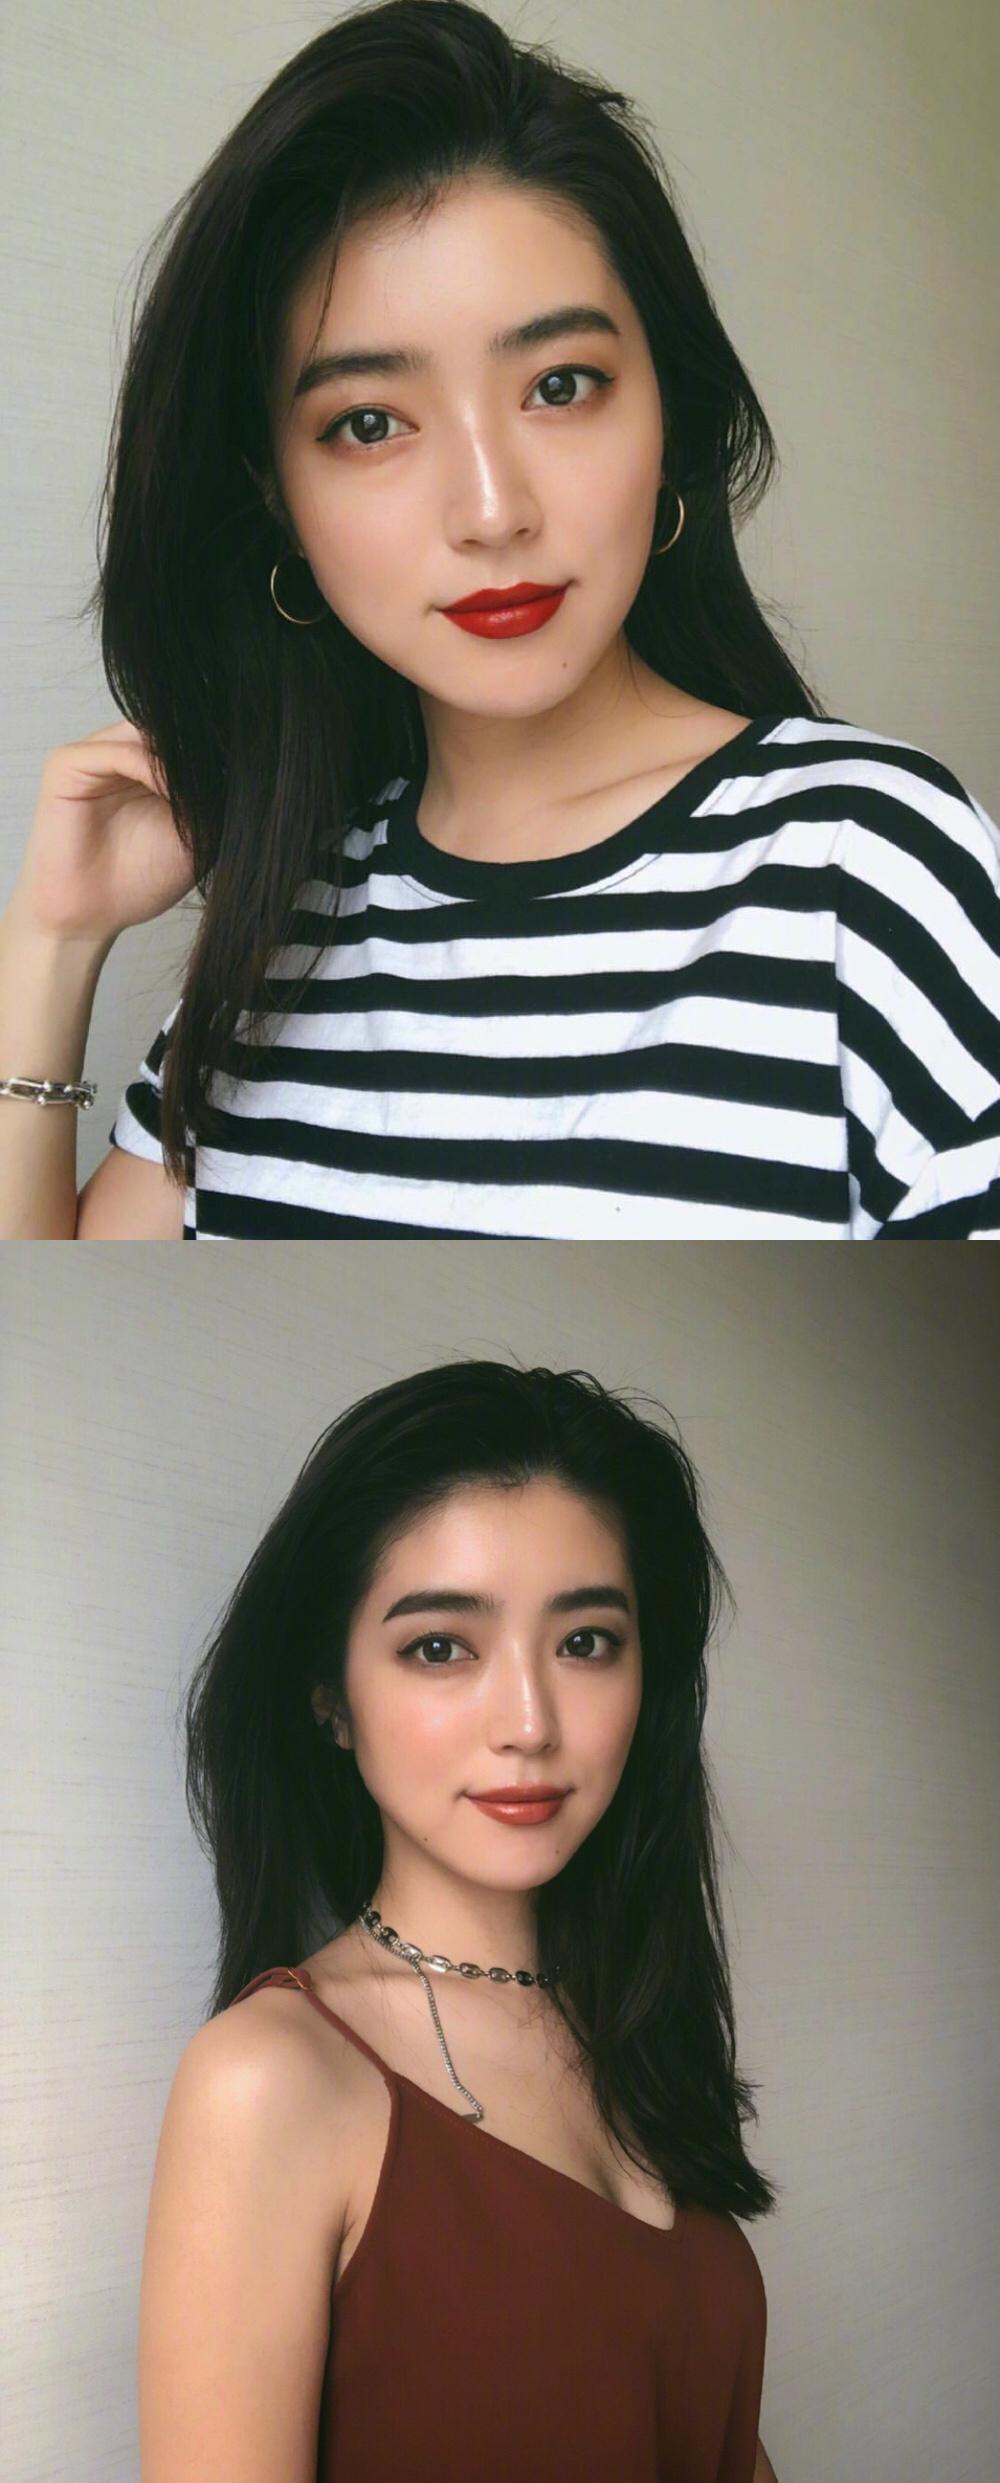 日本模特 大口智惠美 这也太美了吧!  涨姿势 第3张